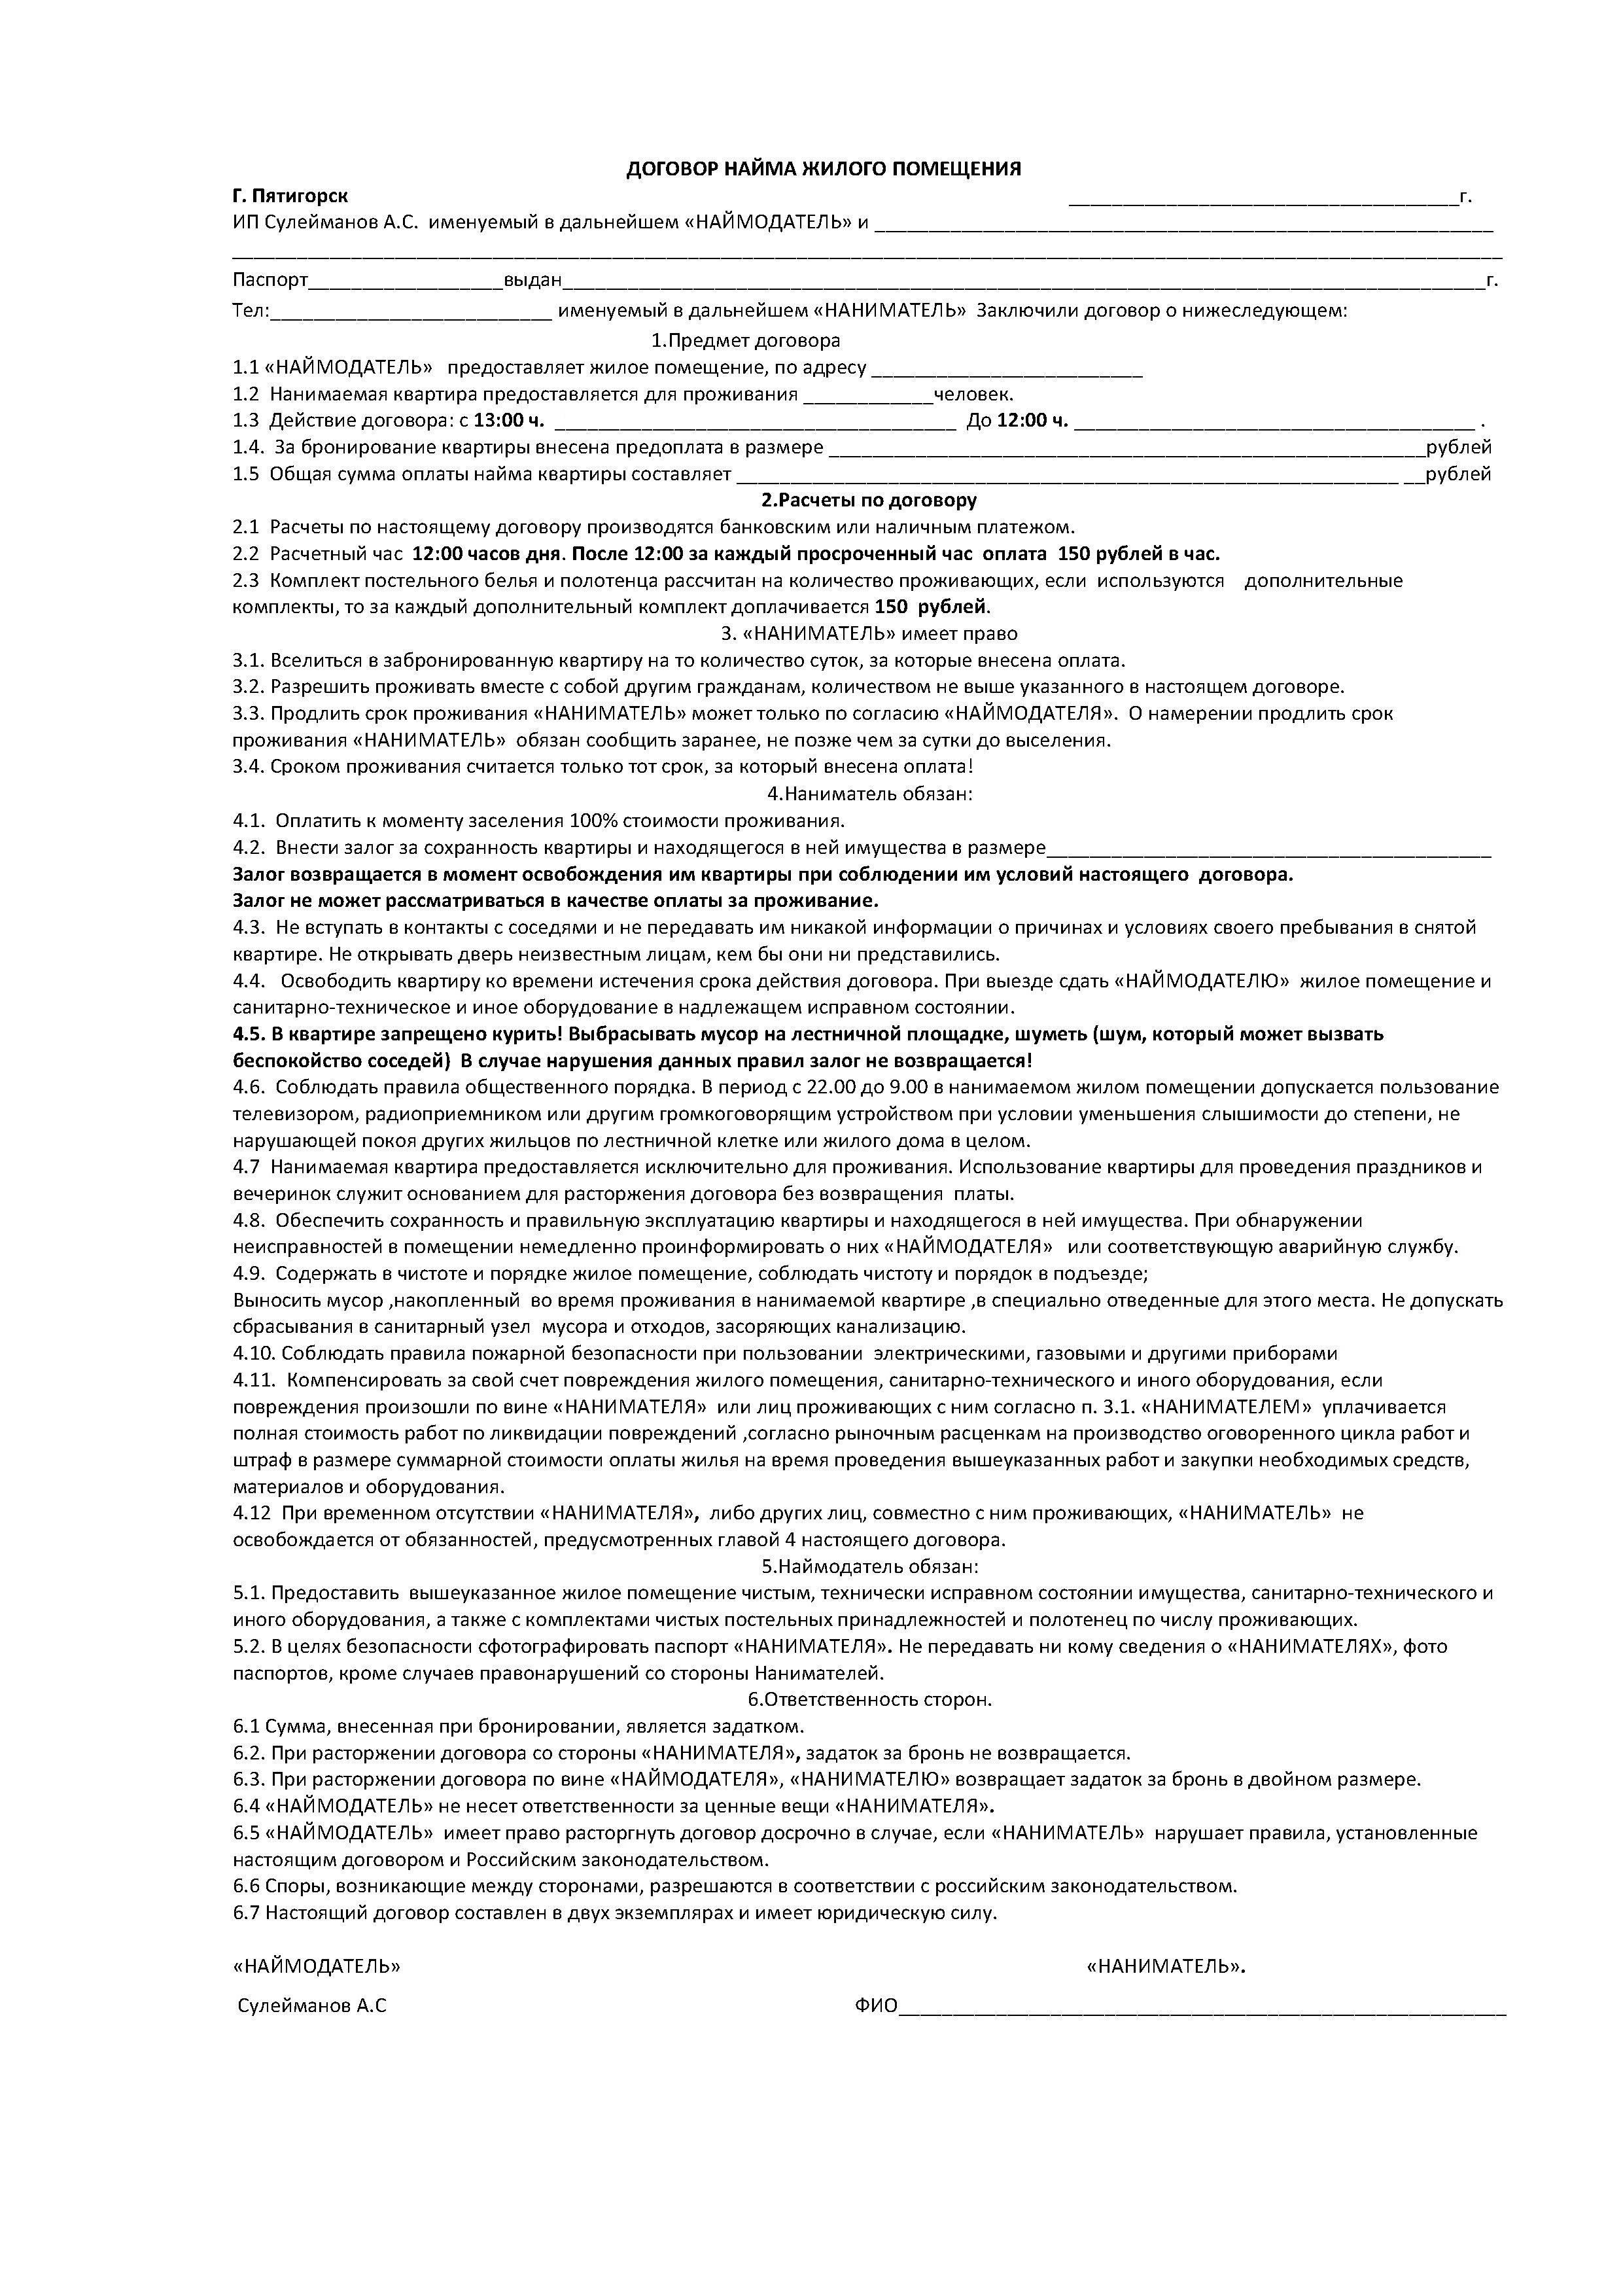 Договор аренды квартир посуточно в Пятигорске от компании